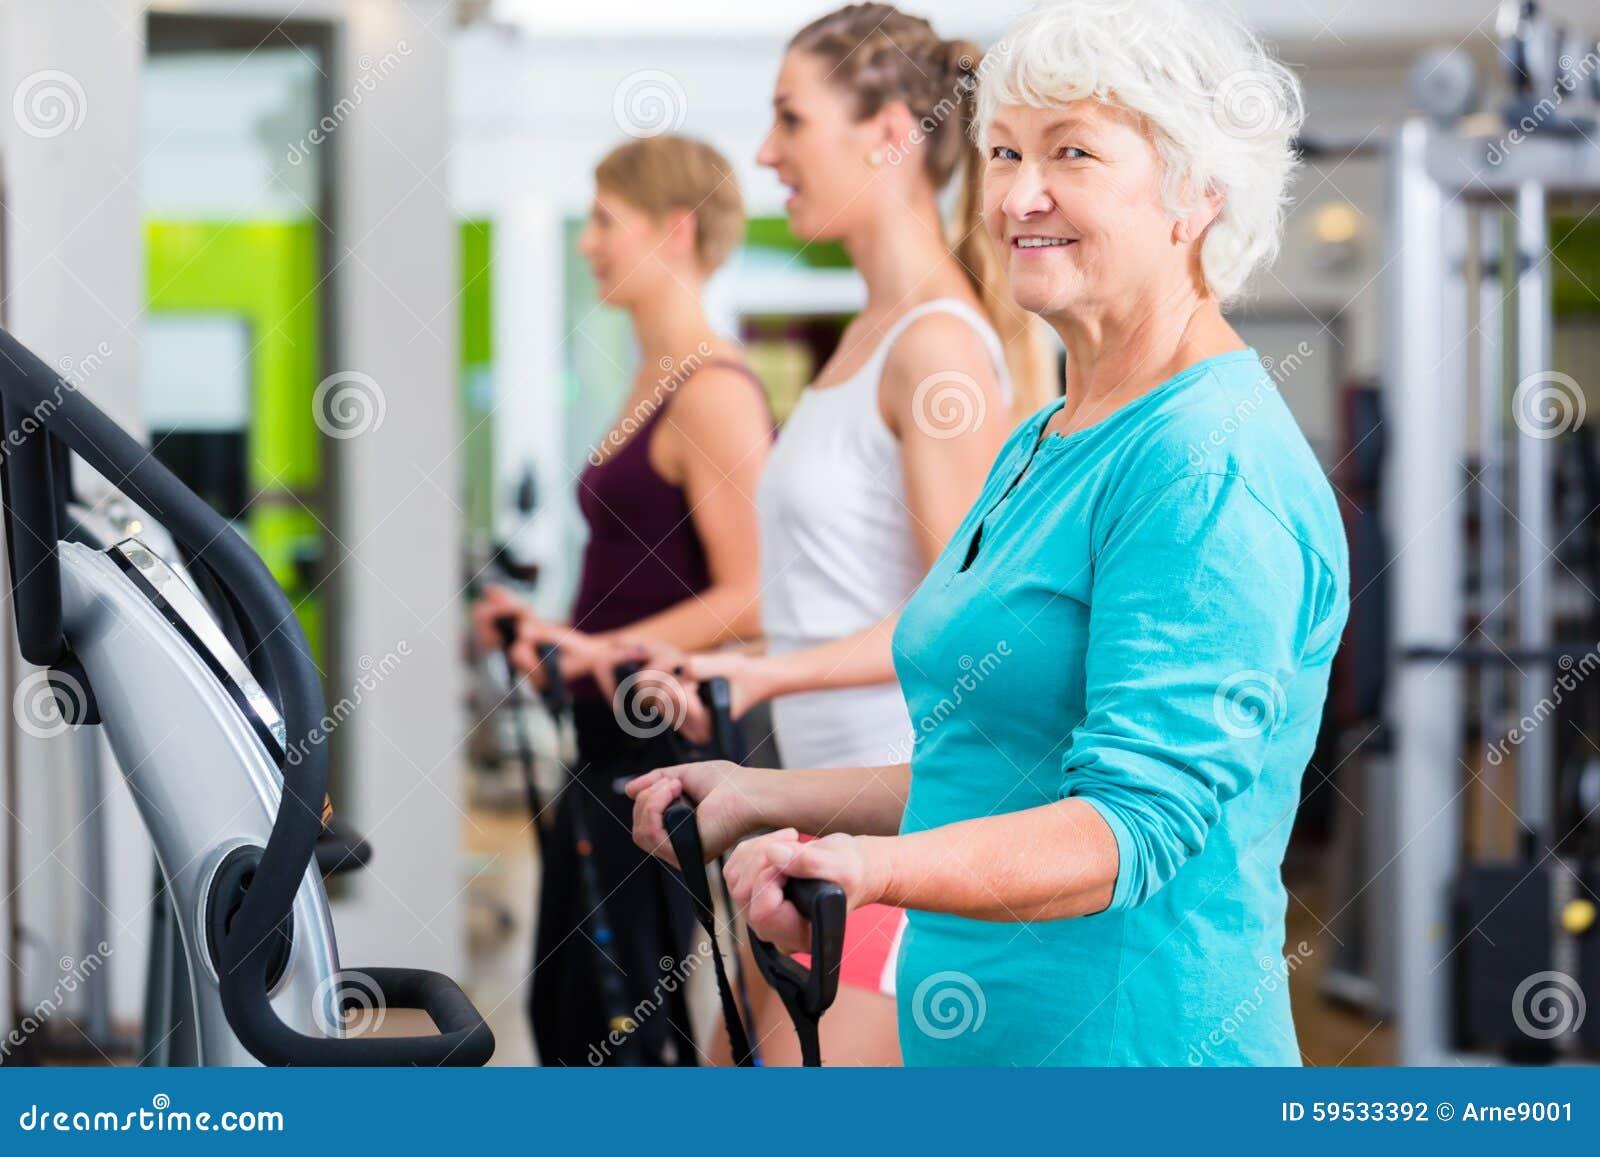 振动片的老和青年人在健身房